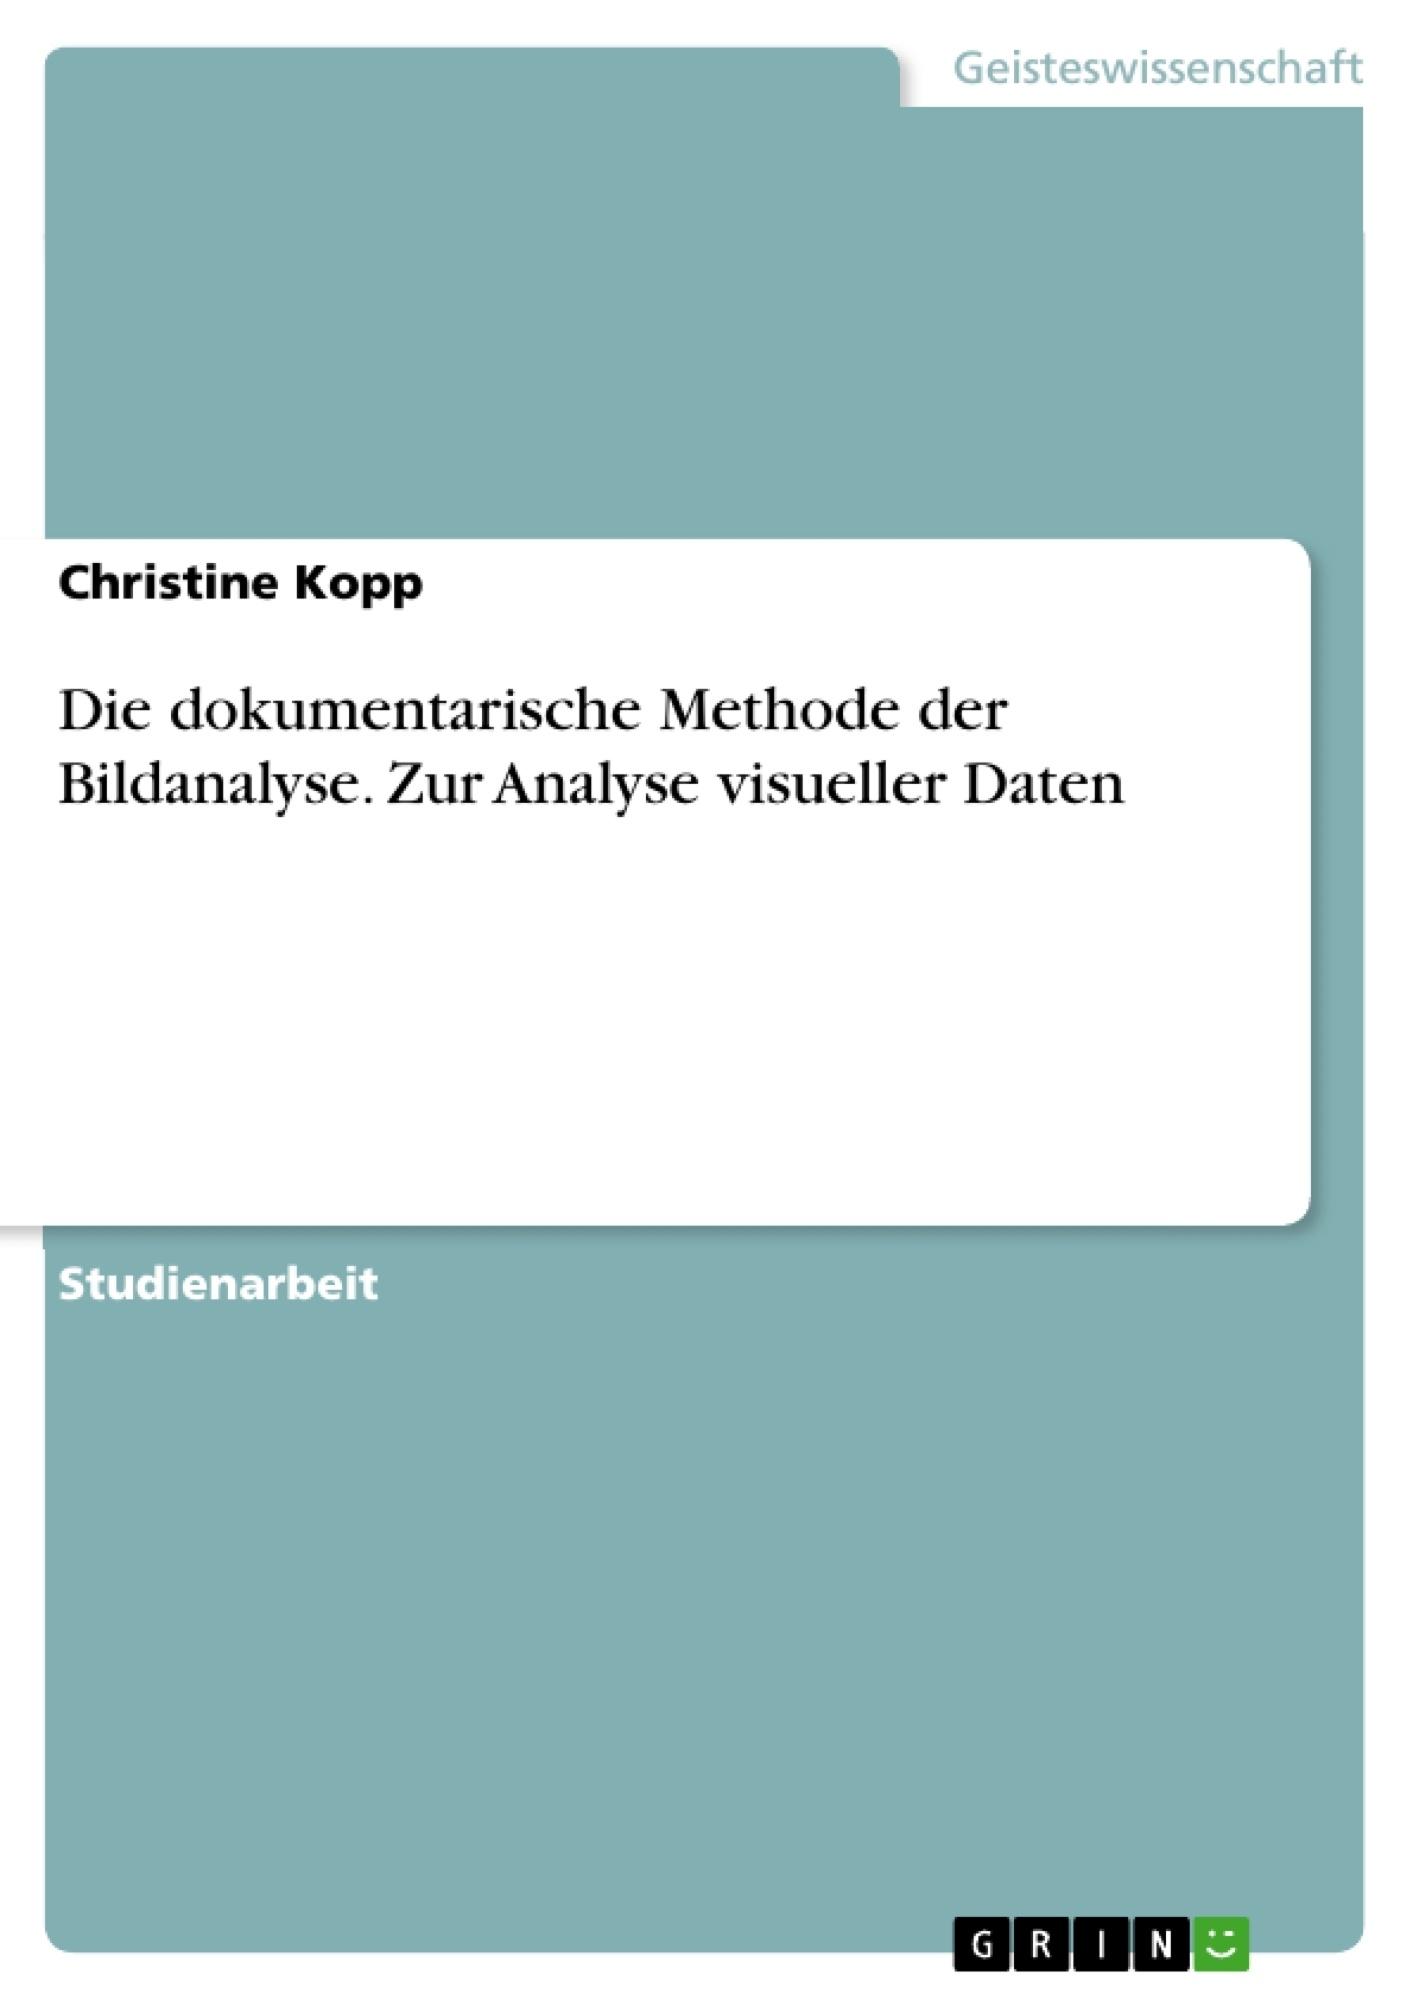 Titel: Die dokumentarische Methode der Bildanalyse. Zur Analyse visueller Daten